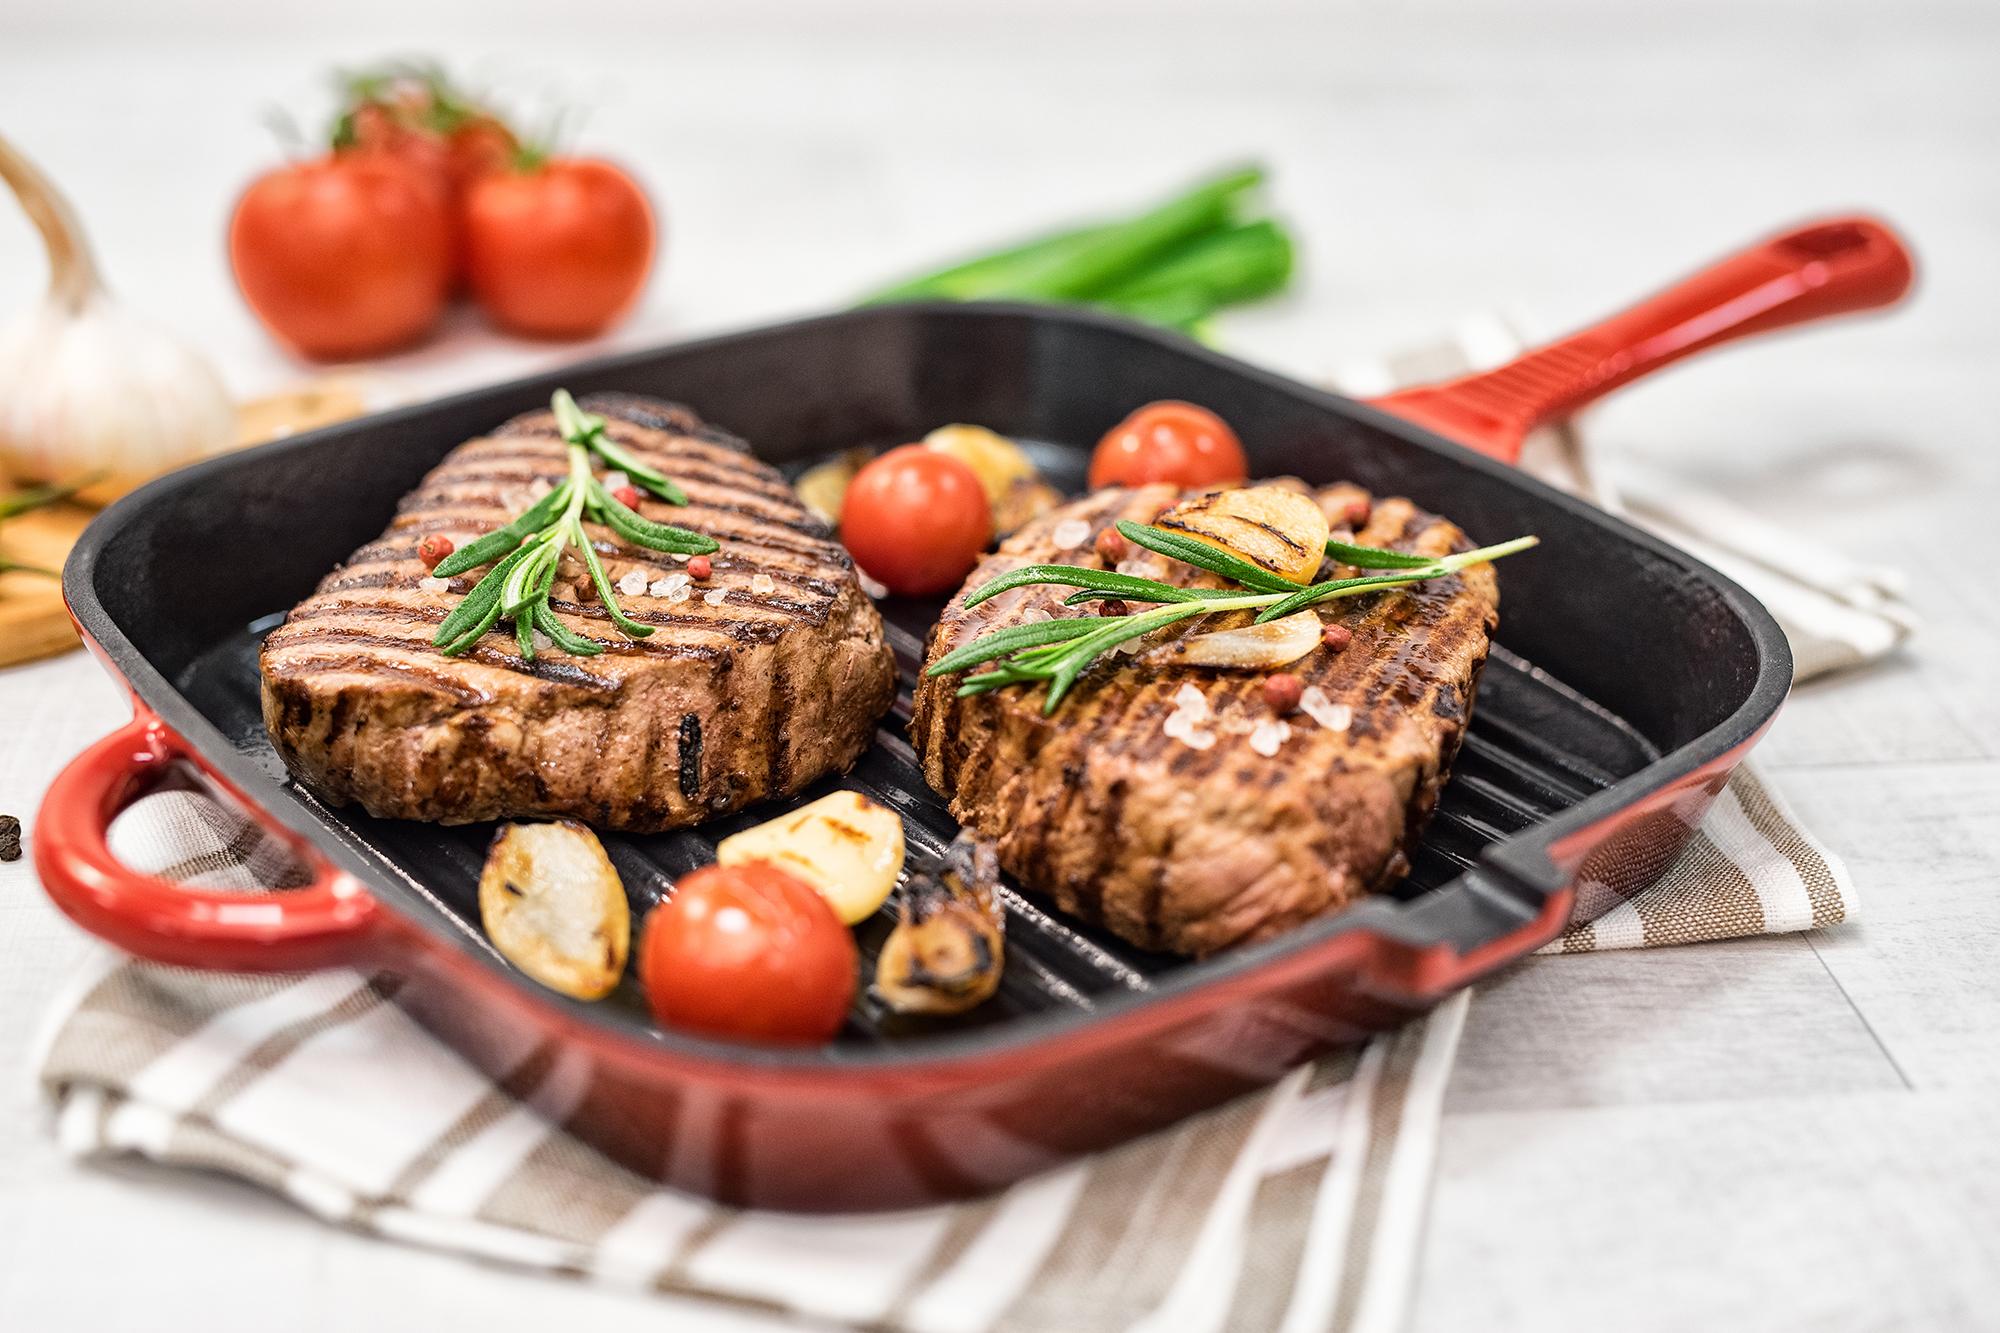 Genius GmbH • Anbieter von Küchen-, Haushalts- und Lifestyle-Produkten